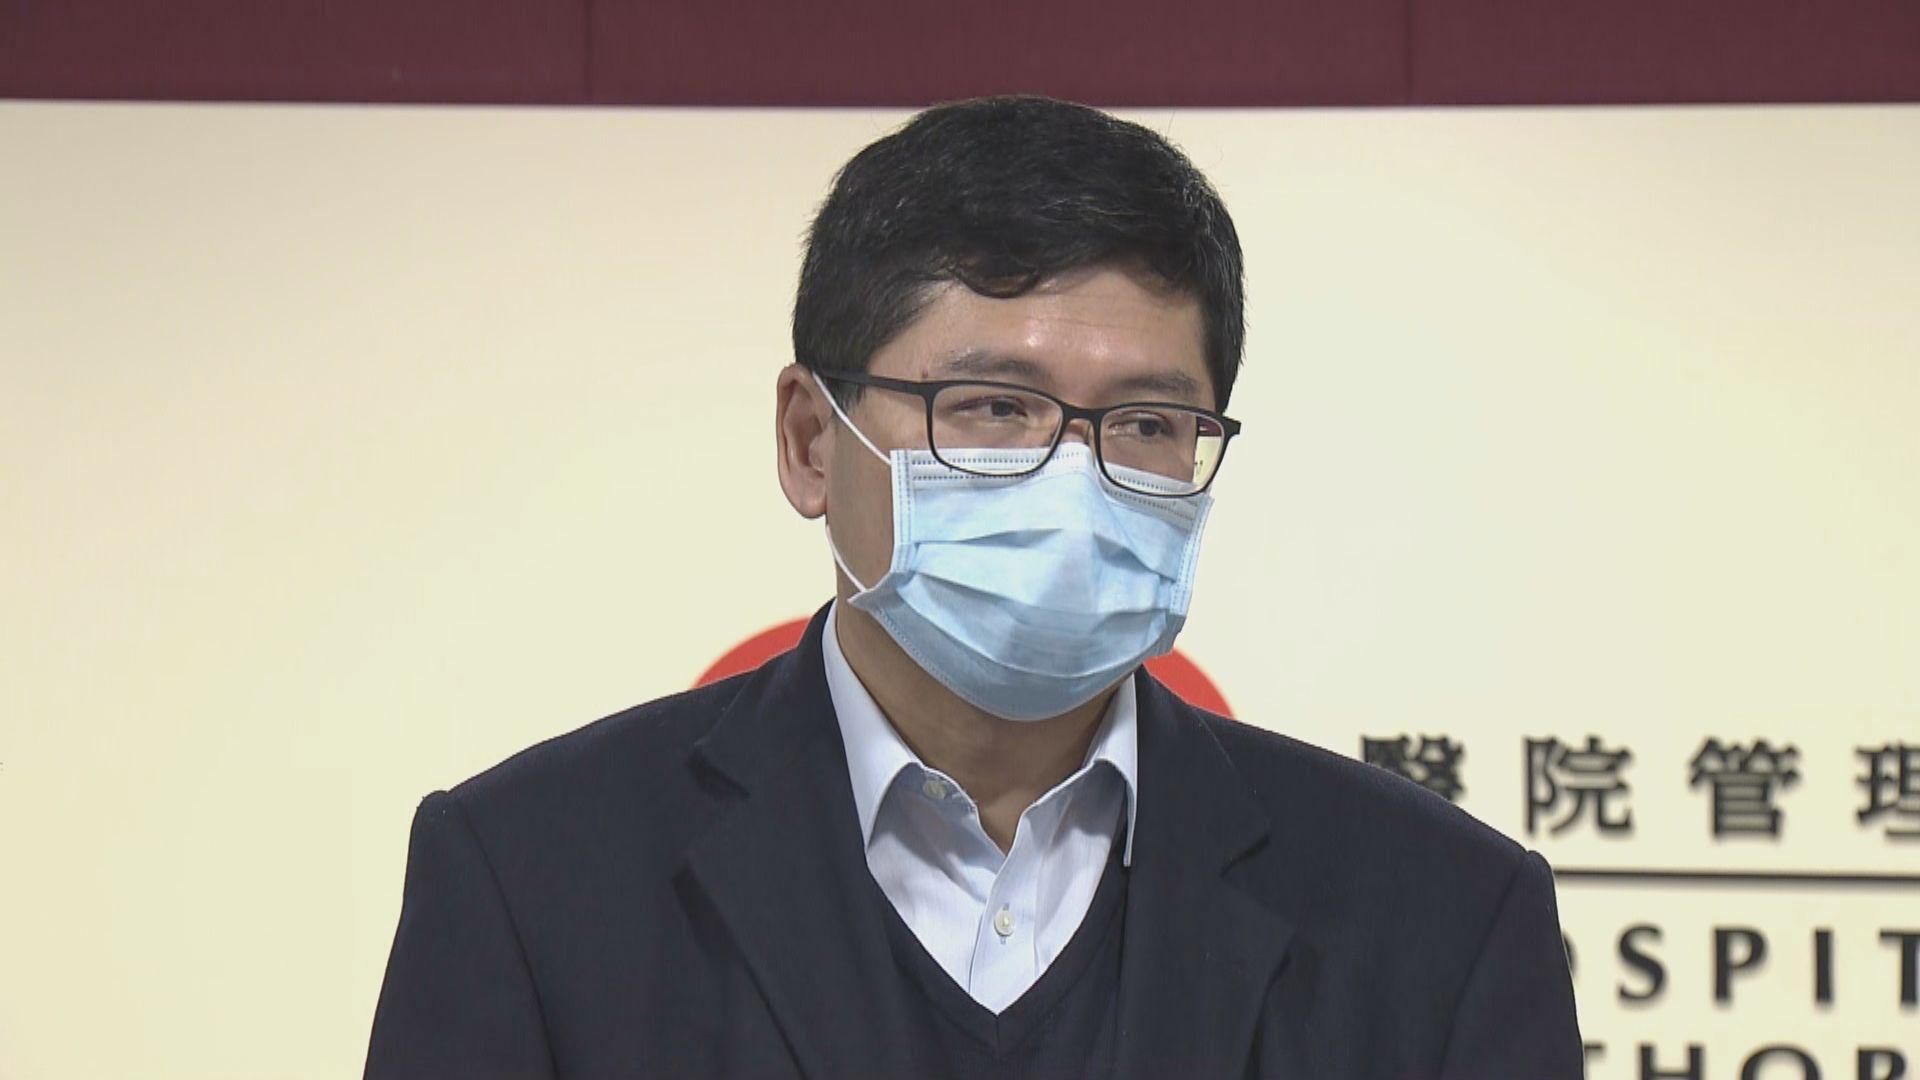 高拔陞:醫管局明早啟動重大事故協調中心